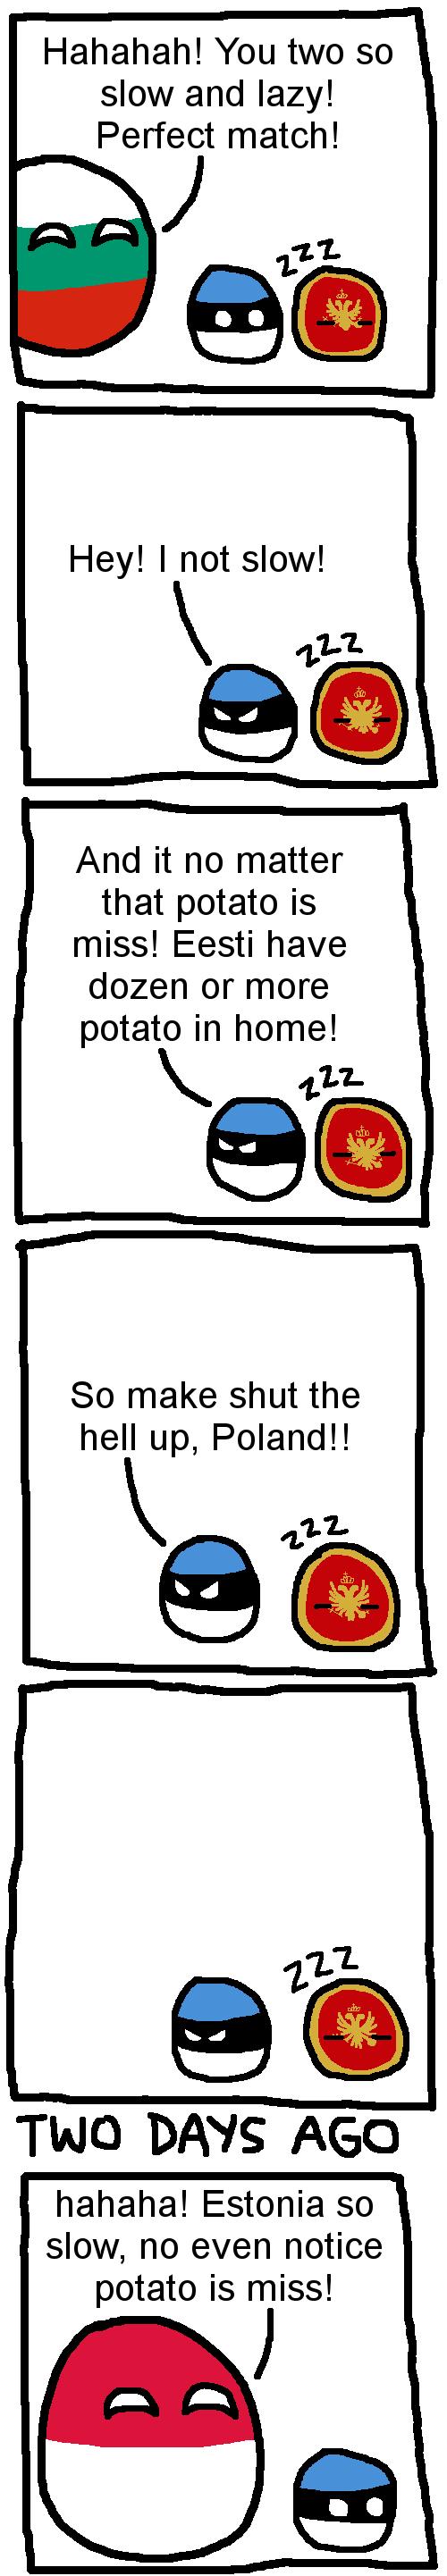 Montenegro is lazy